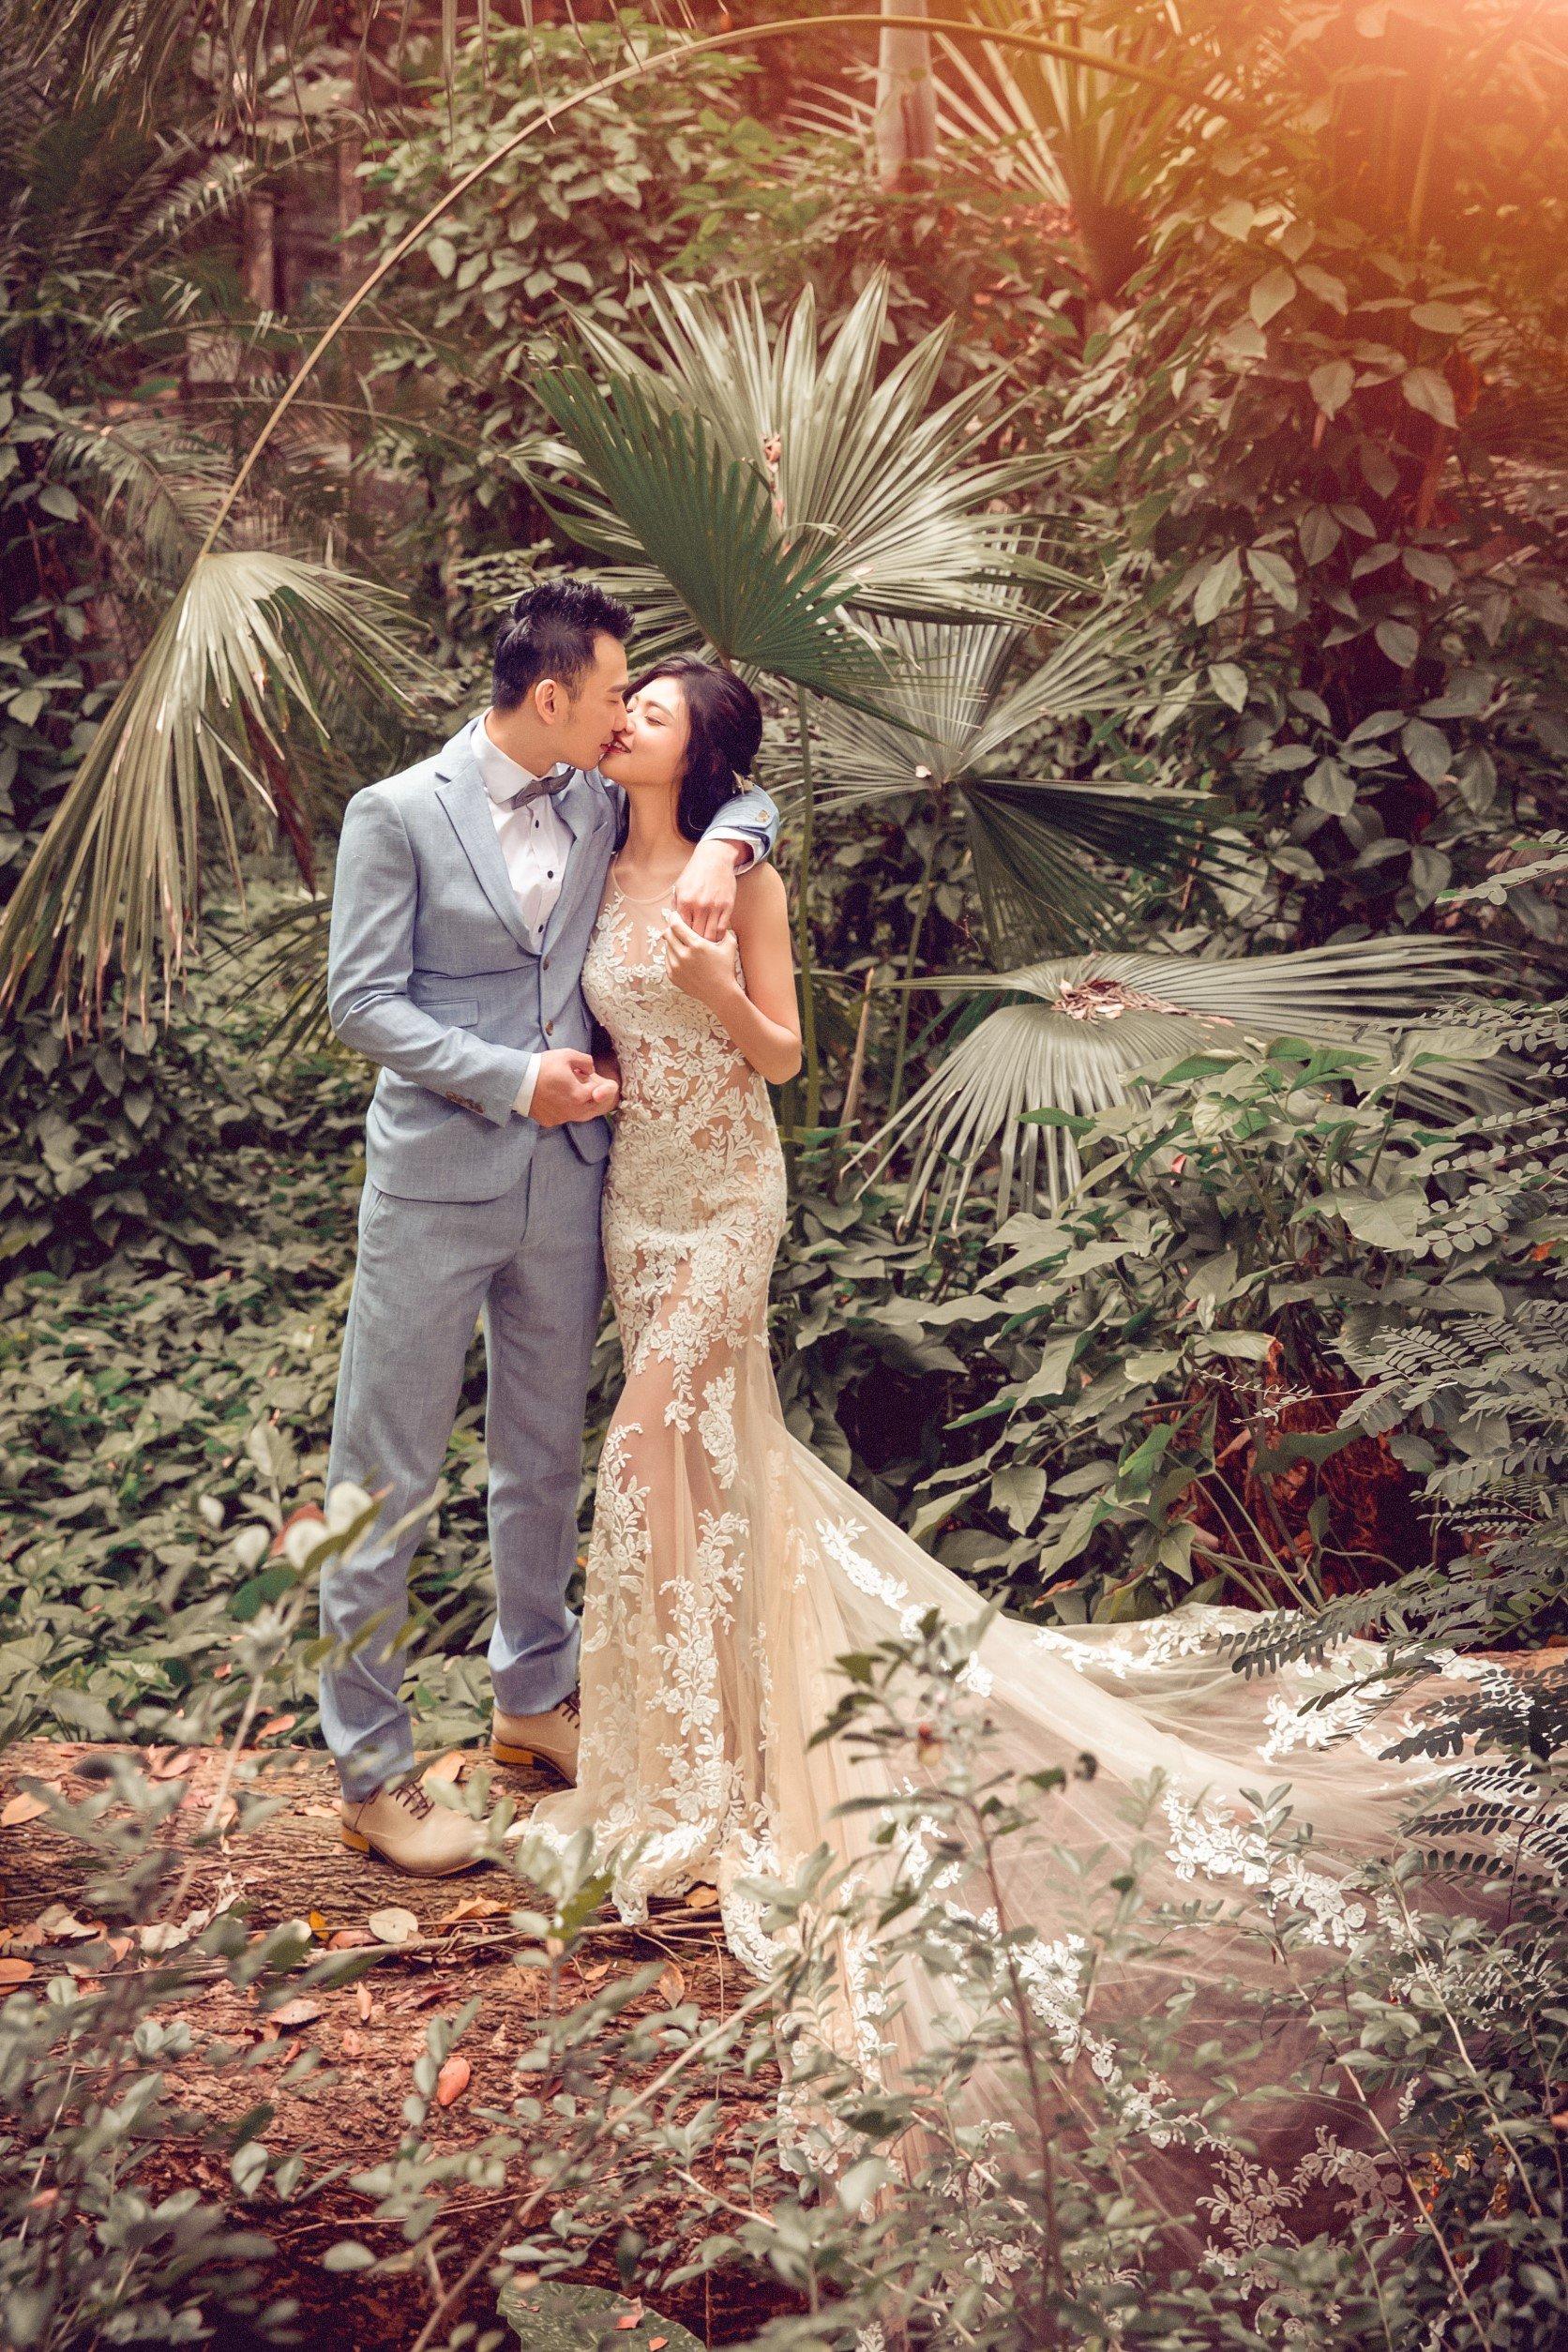 嘉義紐約紐約婚紗攝影-拍照心得分享5